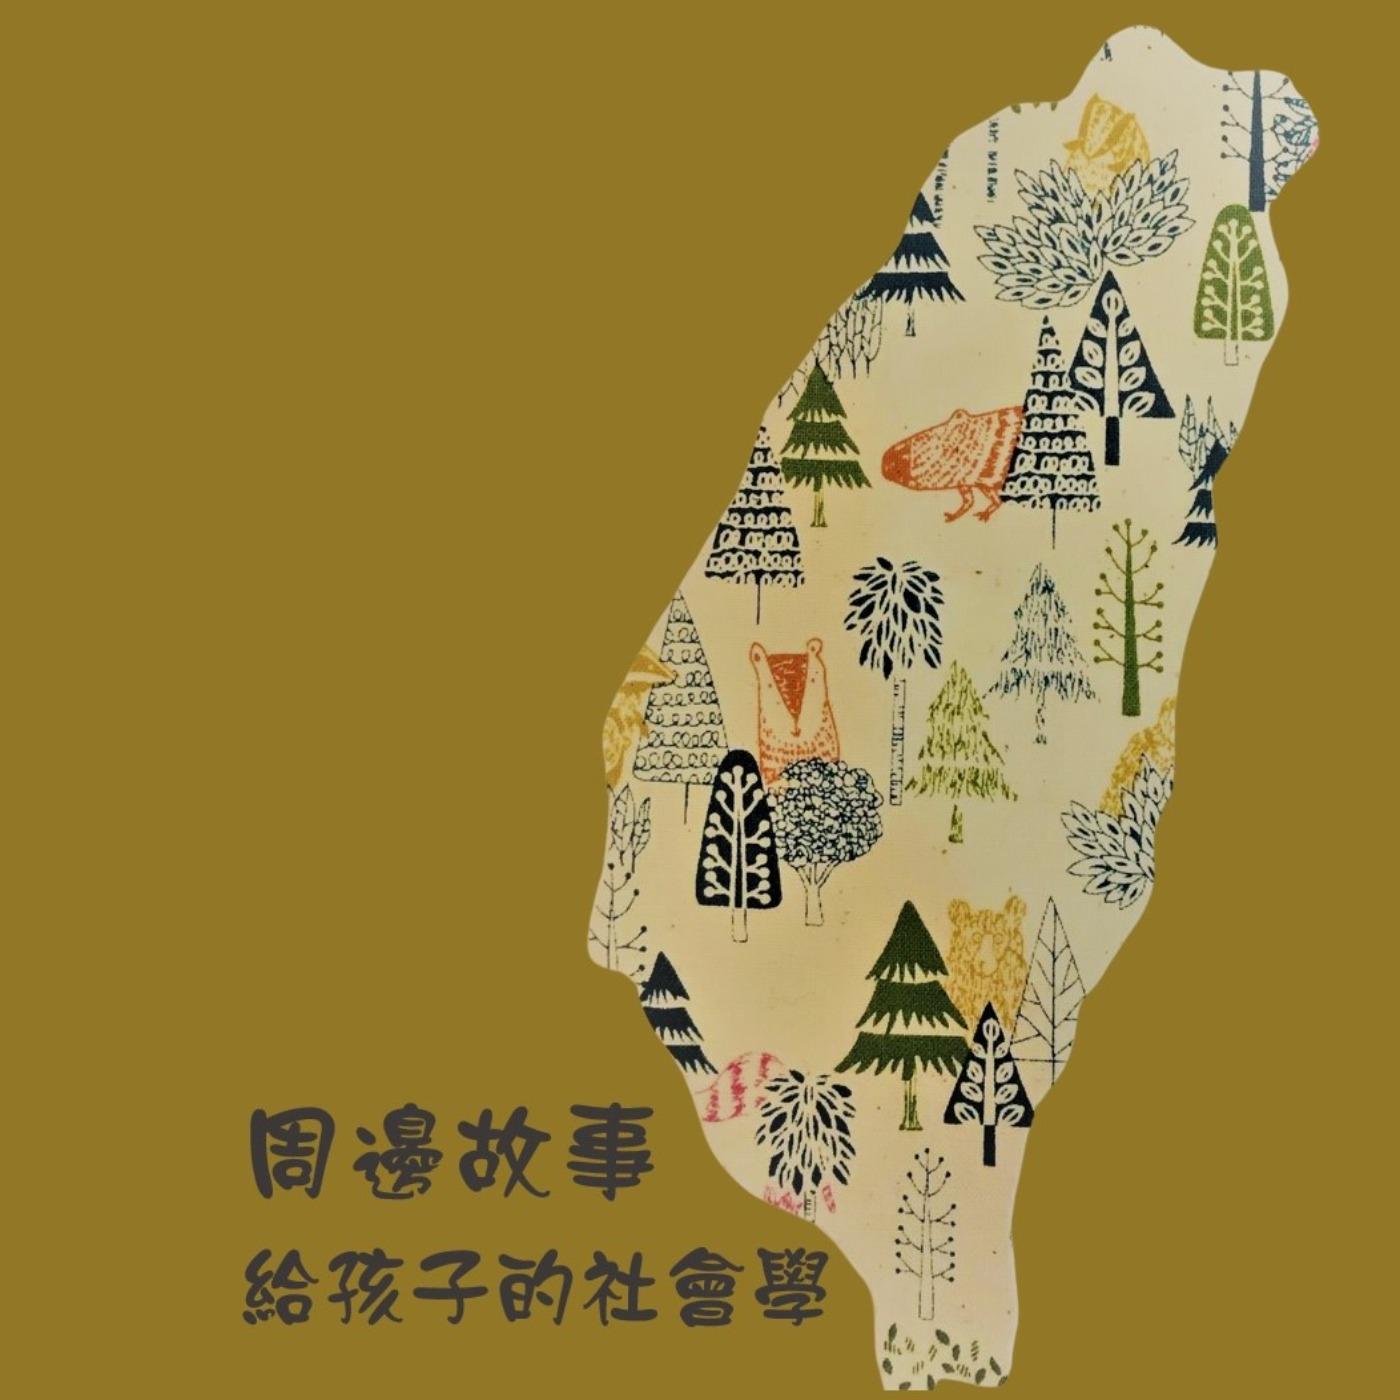 ep.1 都市與鄉村:台灣的城鄉發展